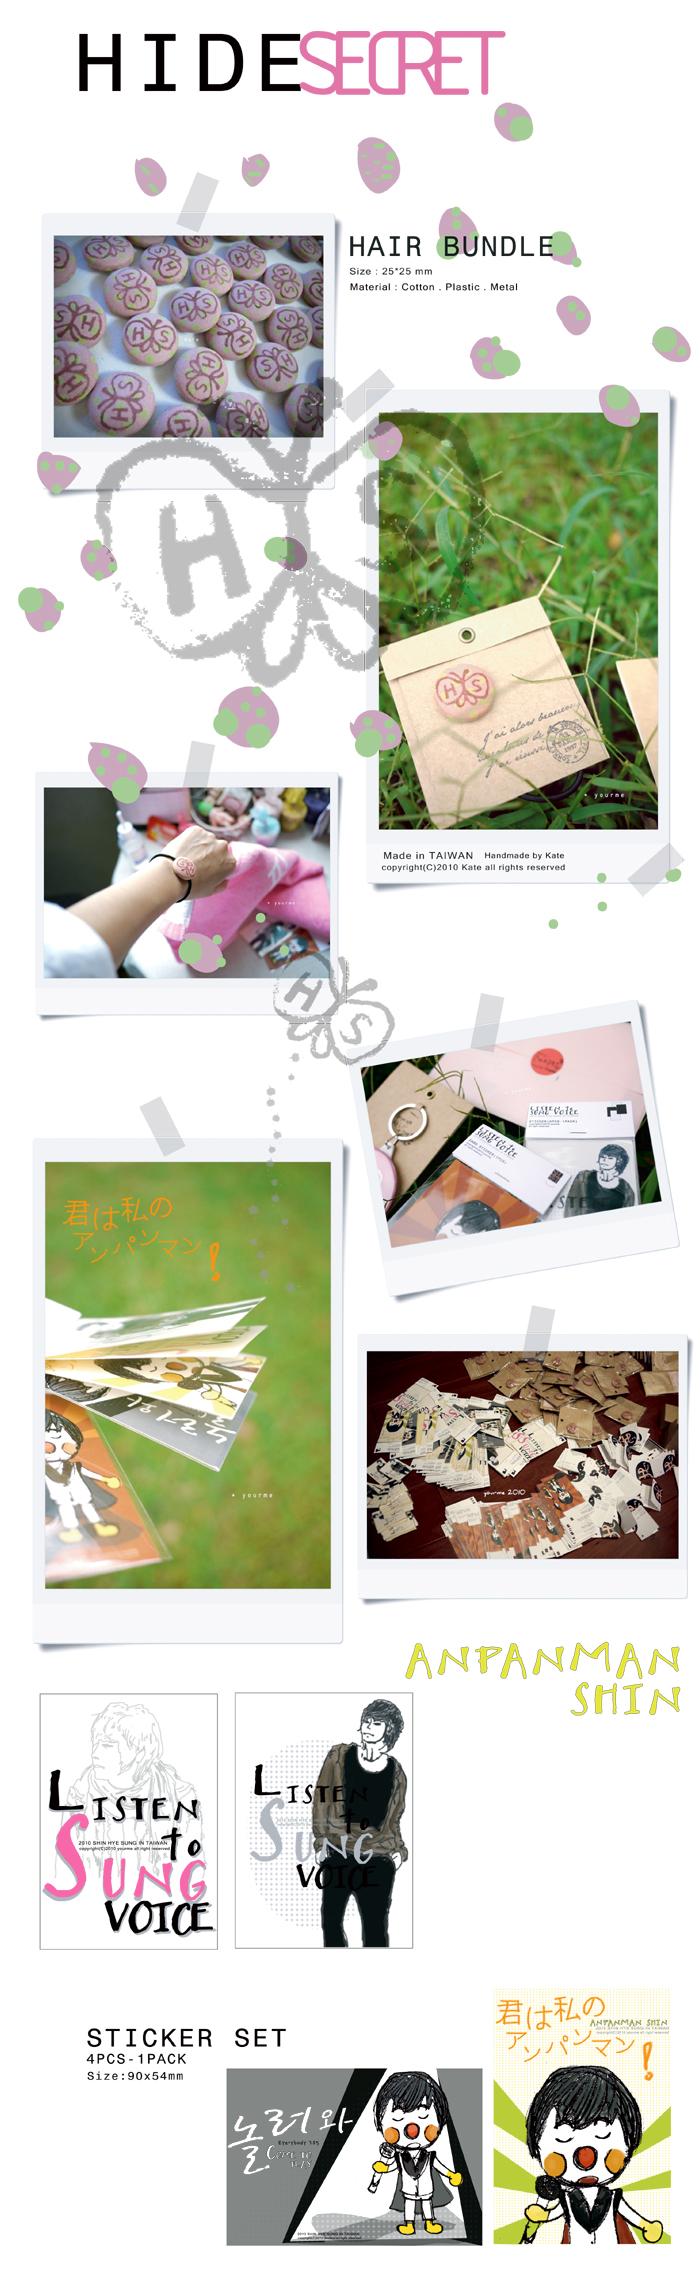 003 copy.jpg